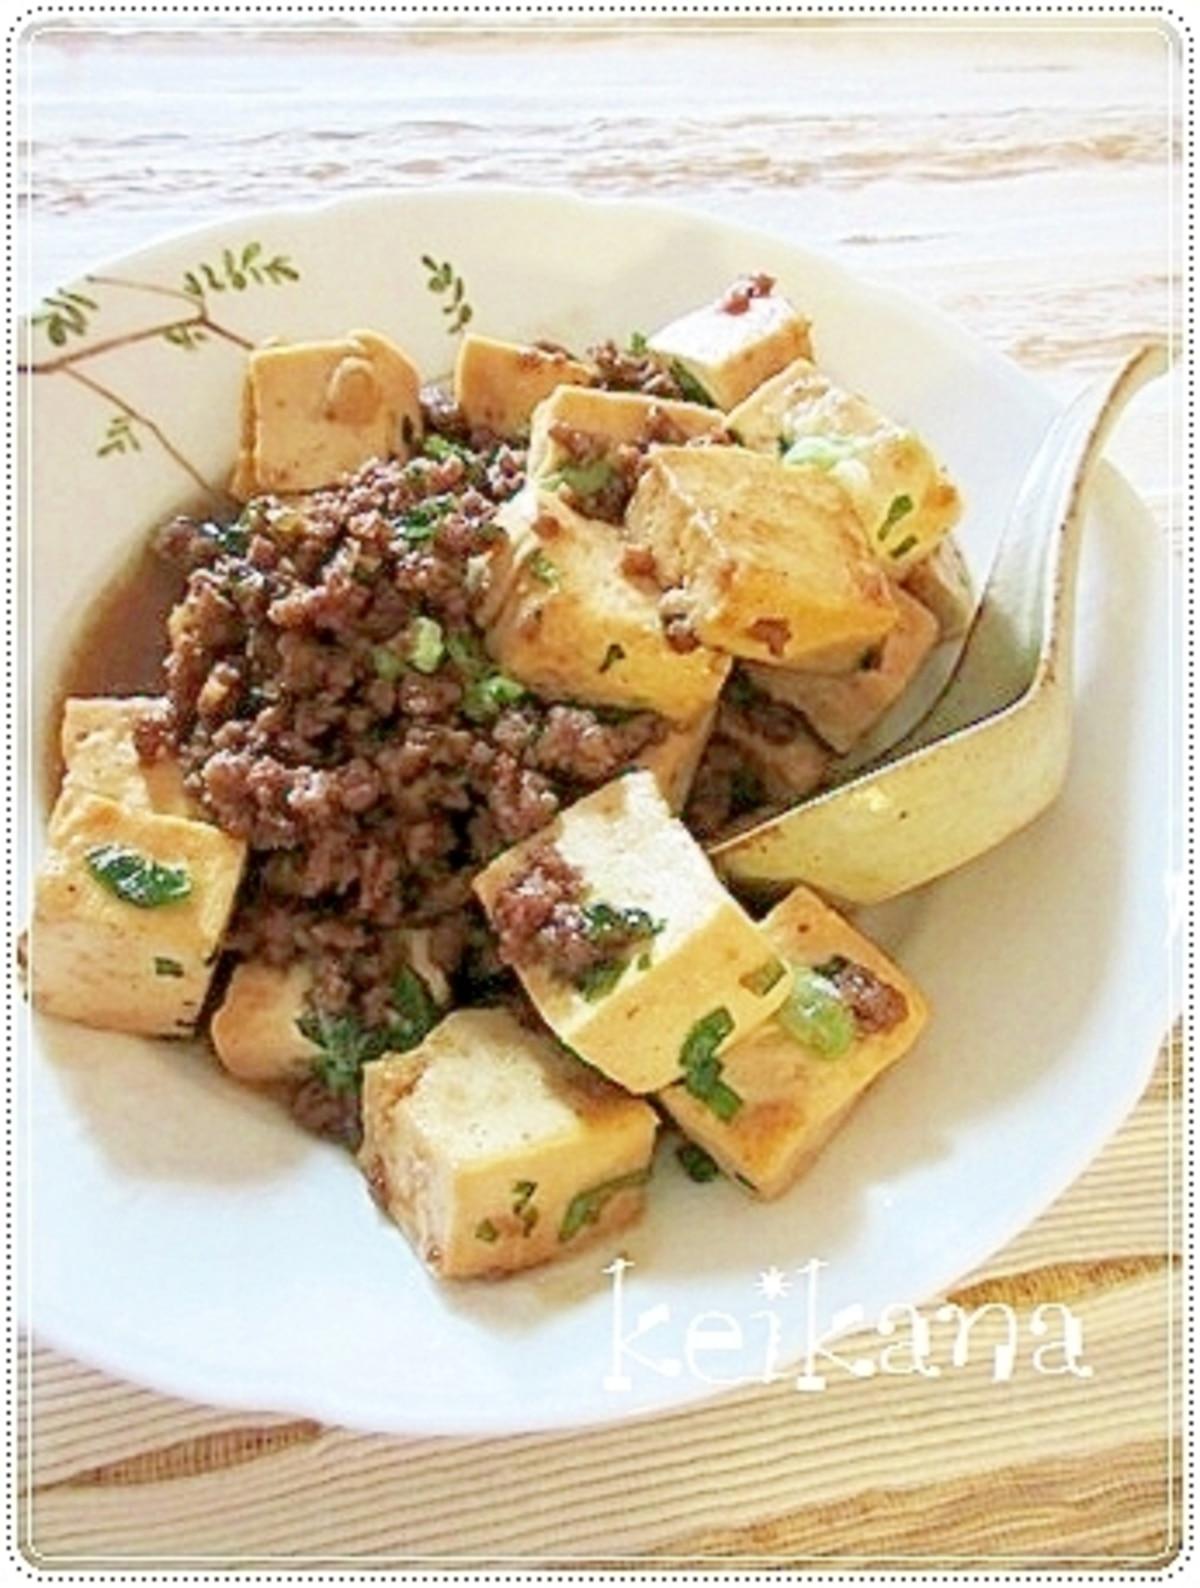 料理 レシピ 豆腐 豆腐料理のレシピ・作り方 【簡単人気ランキング】|楽天レシピ